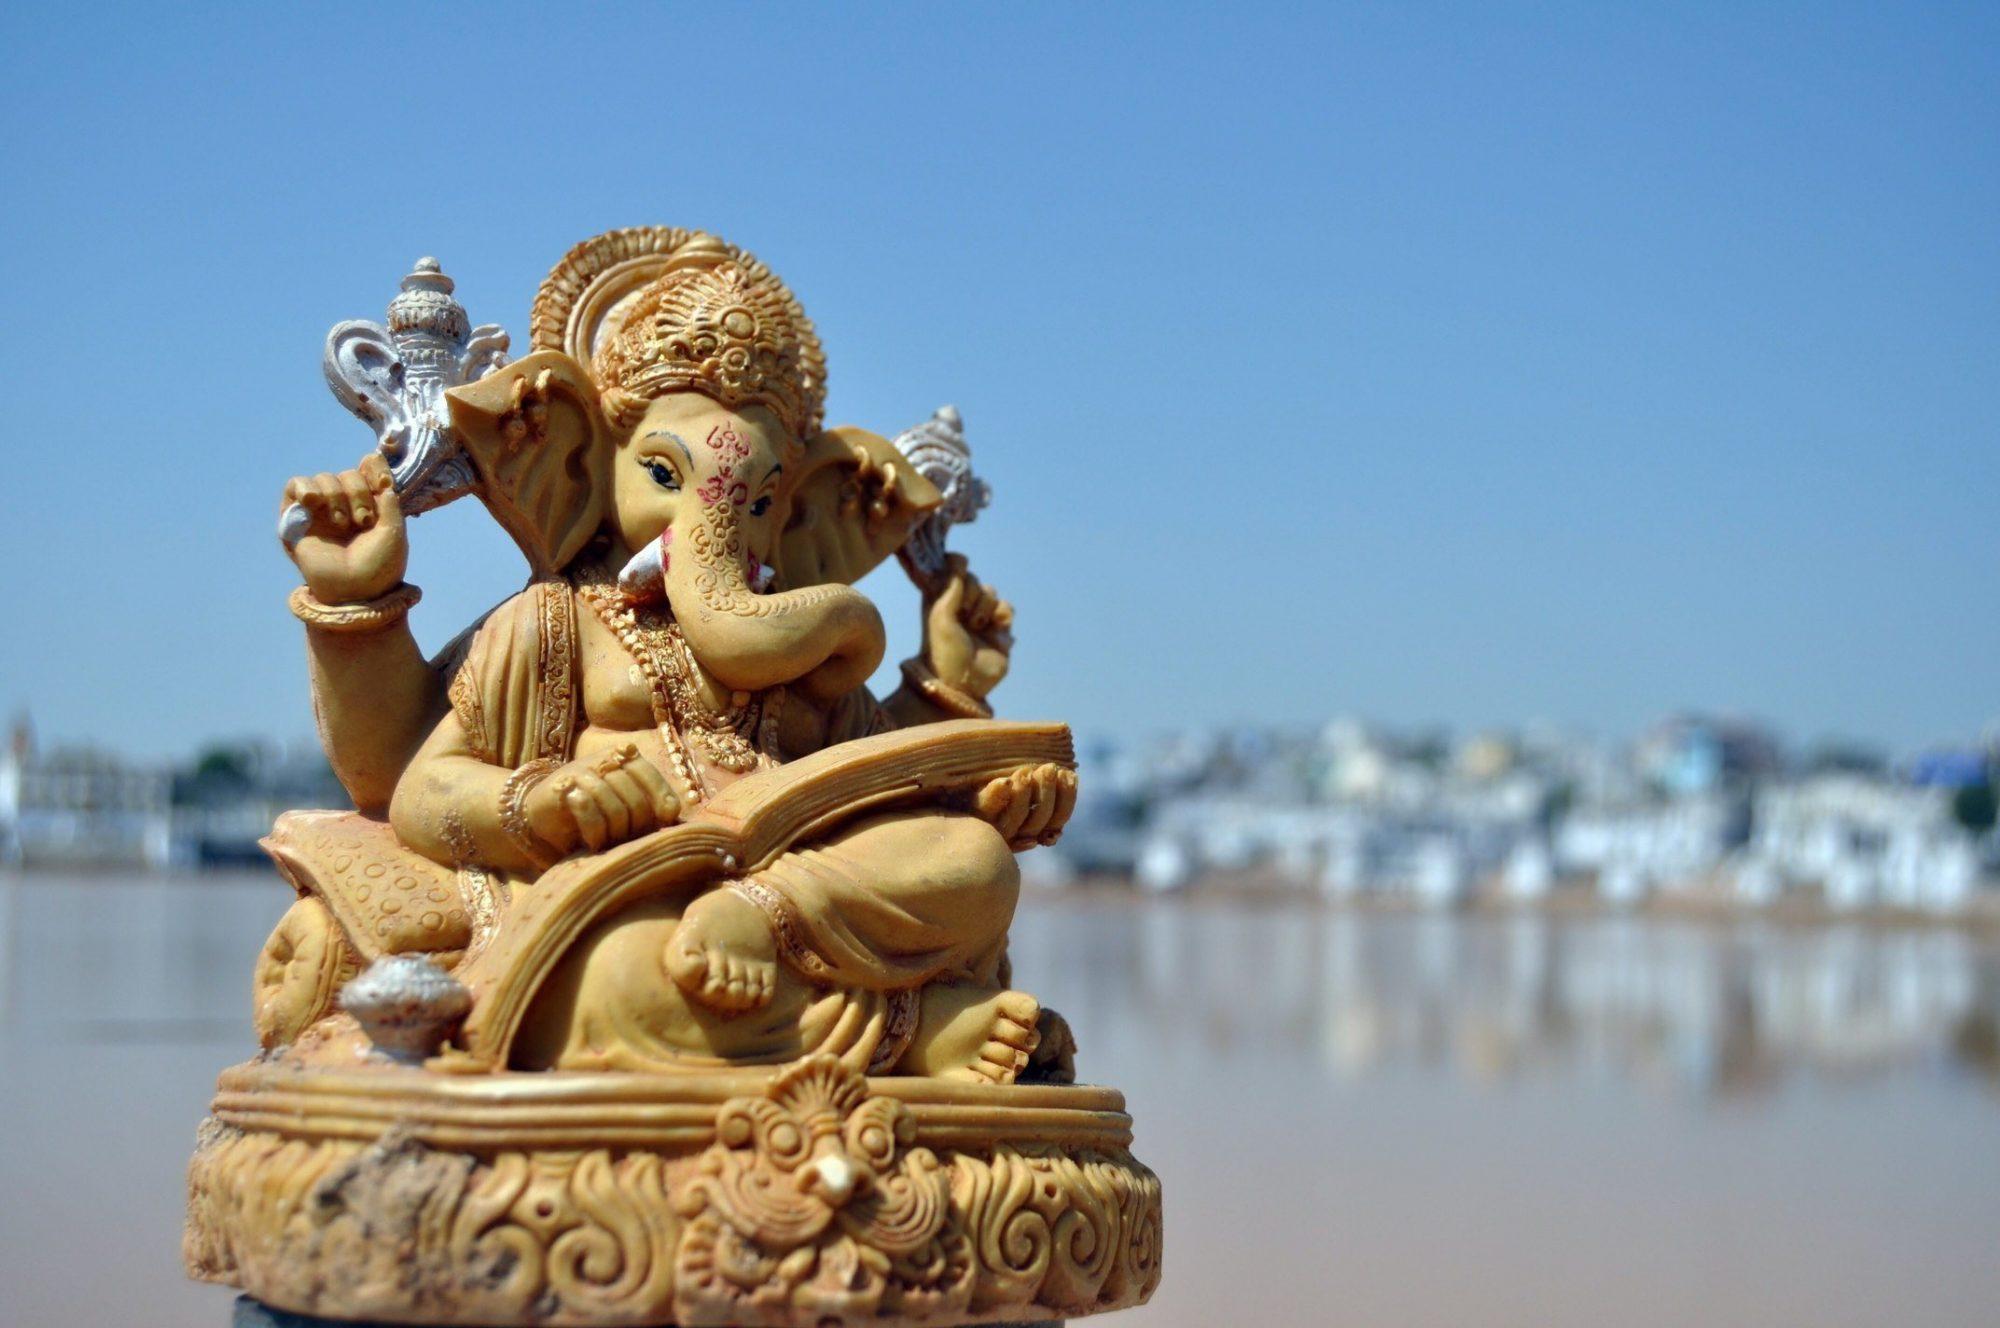 HSCT – INDIA – Vinayak Chaturthi: ik heb eindelijk een besluit genomen